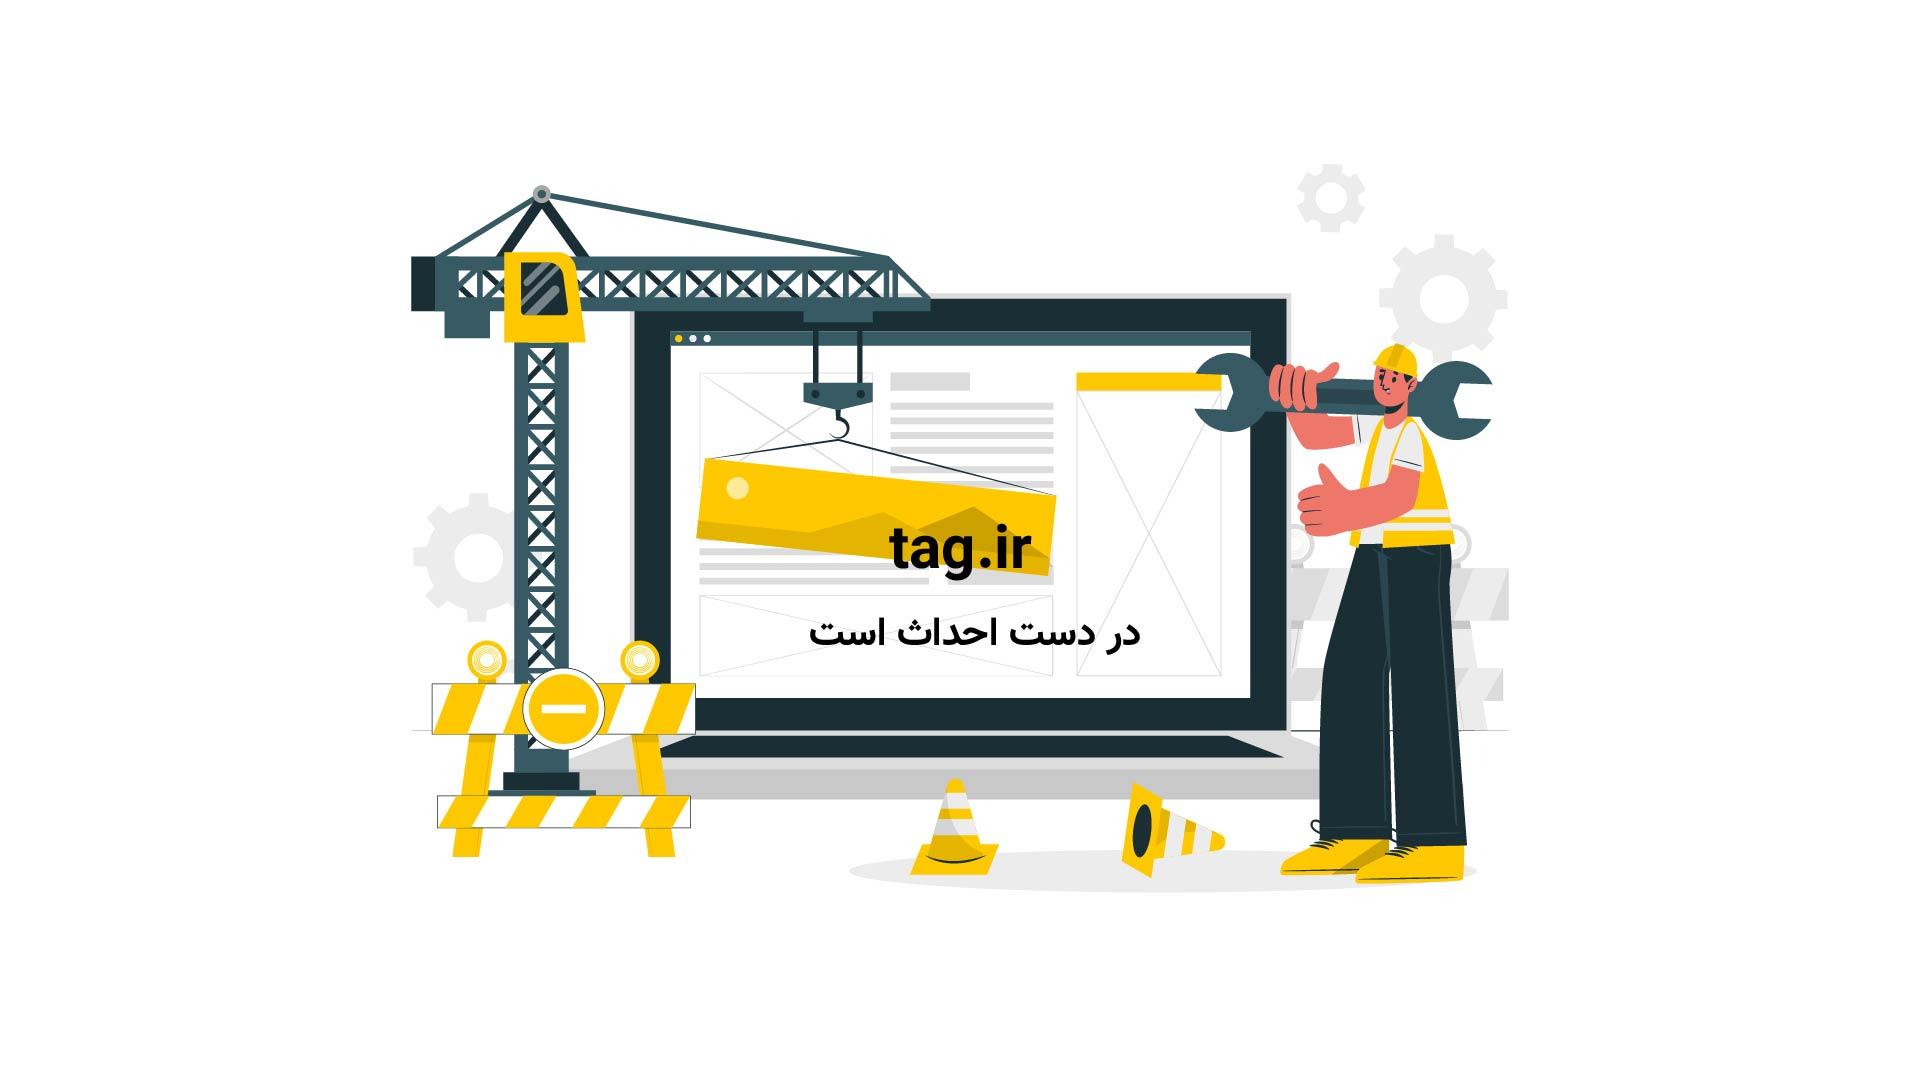 روباتها نمایشگاه فناوری برلین را تسخیر کردند   تگ